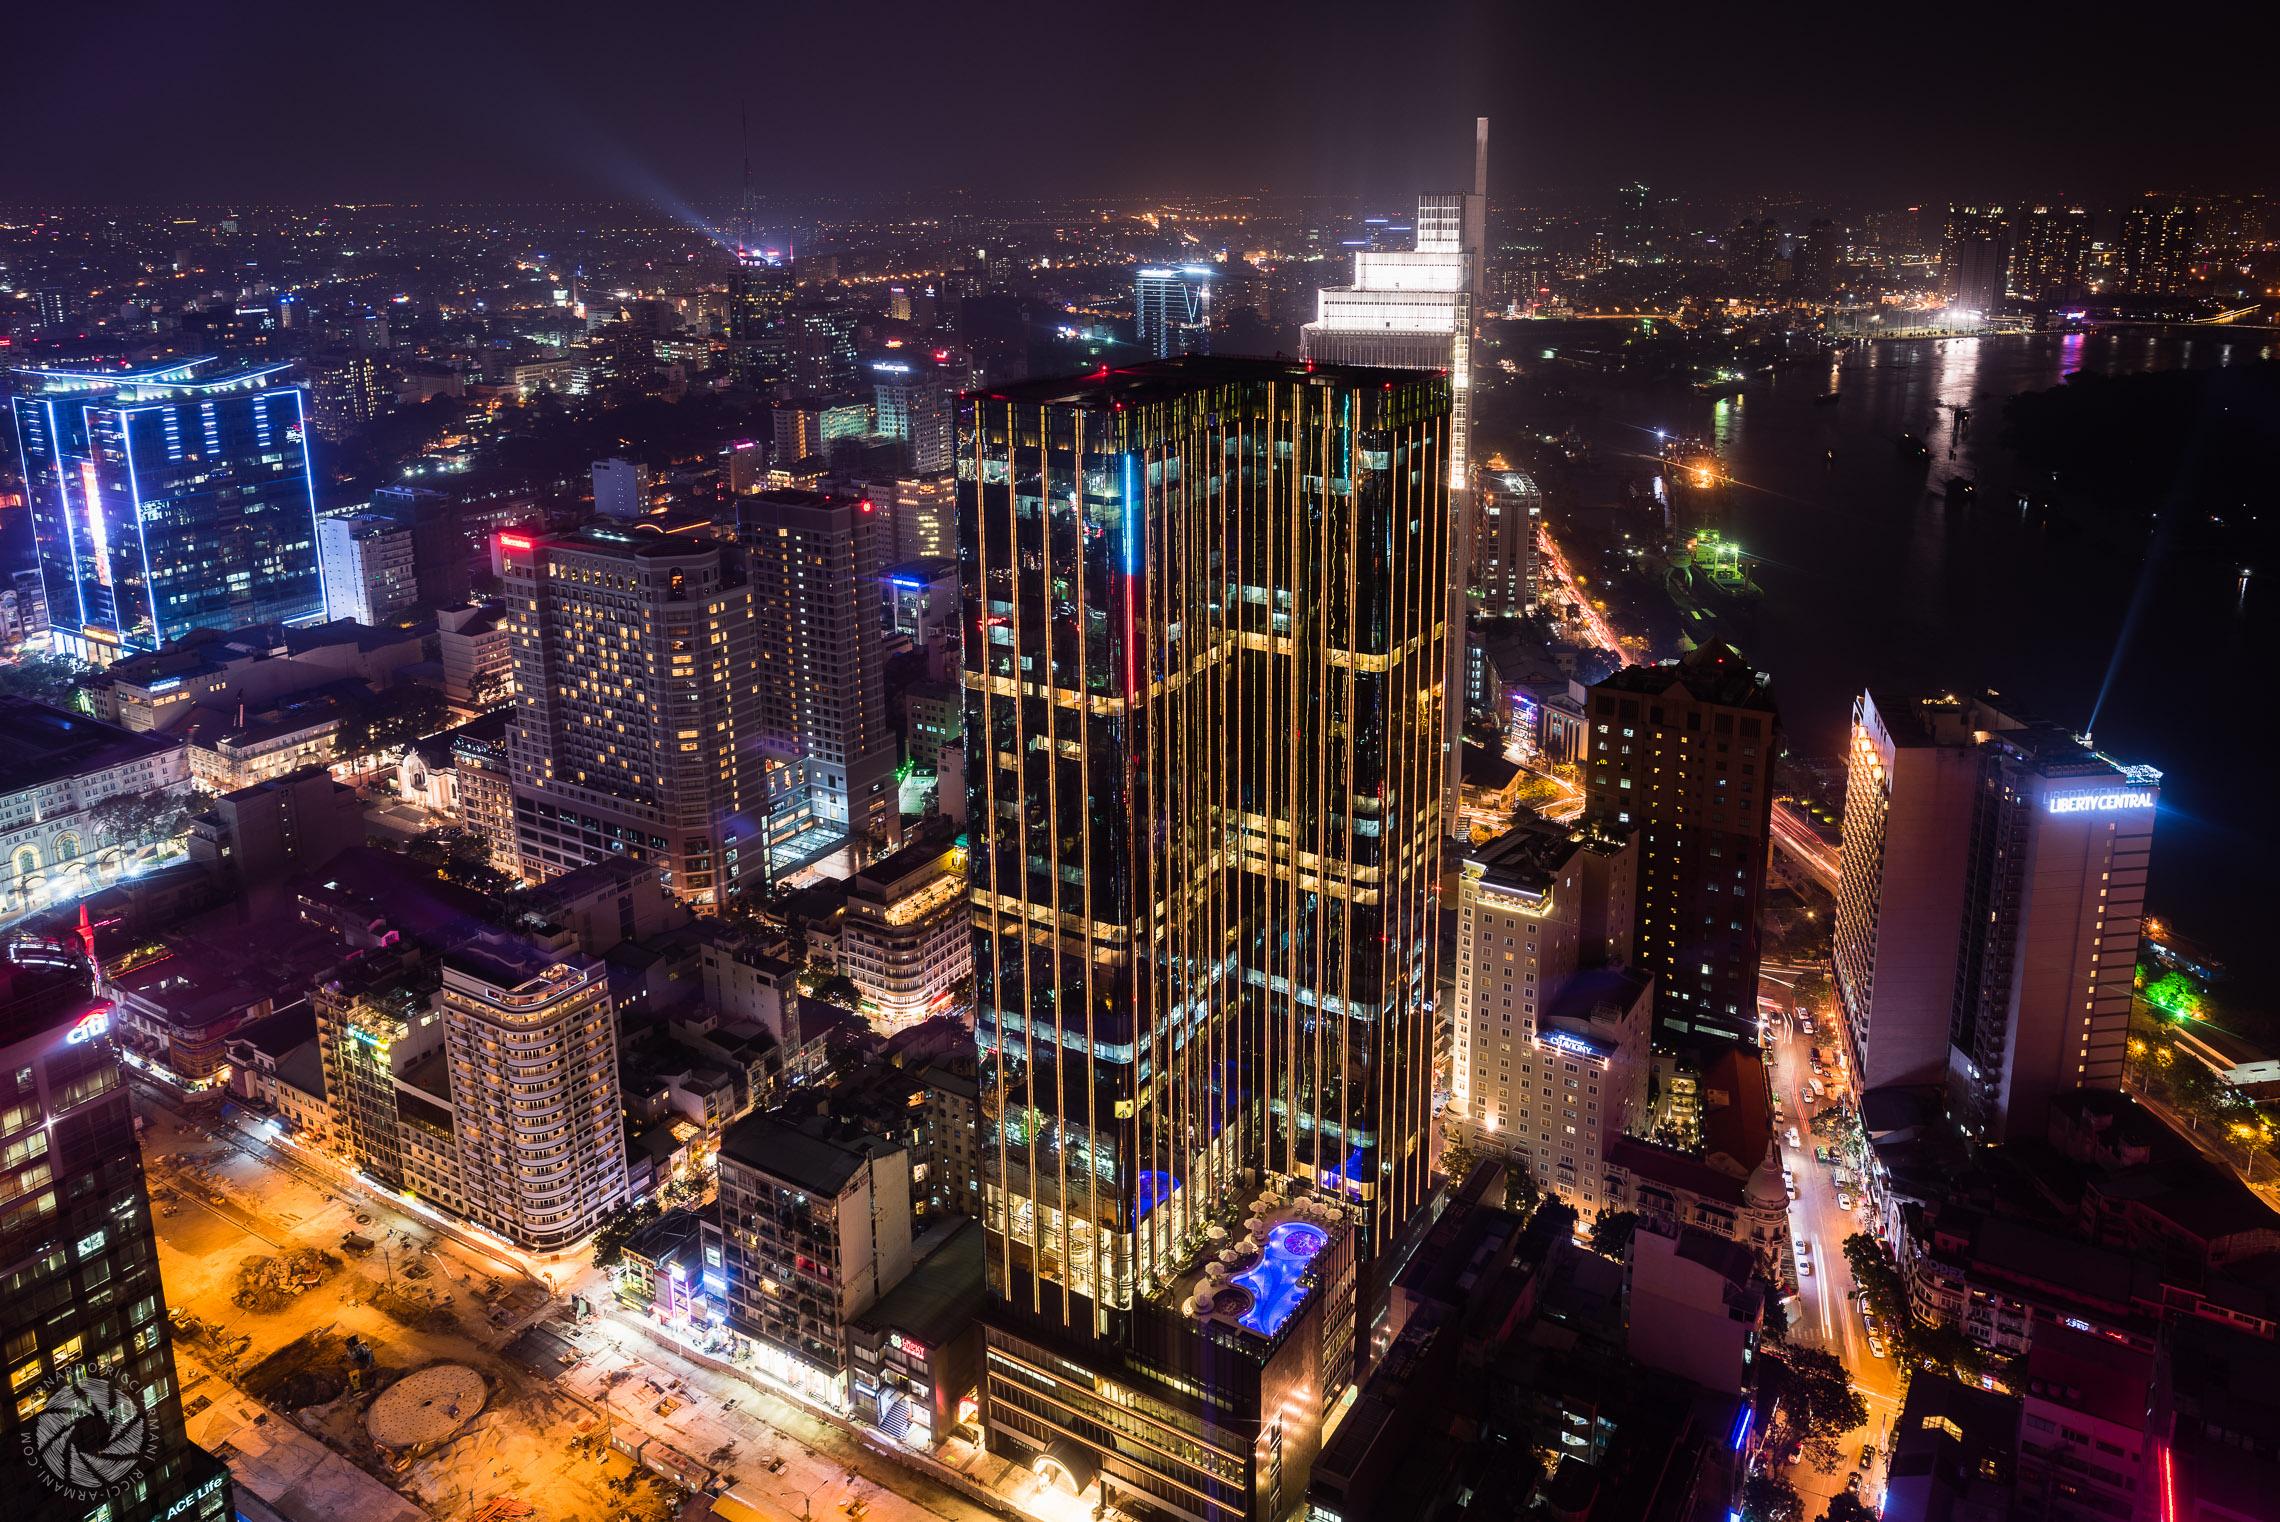 Saigon or Ho Chi Minh City (Vietnam)